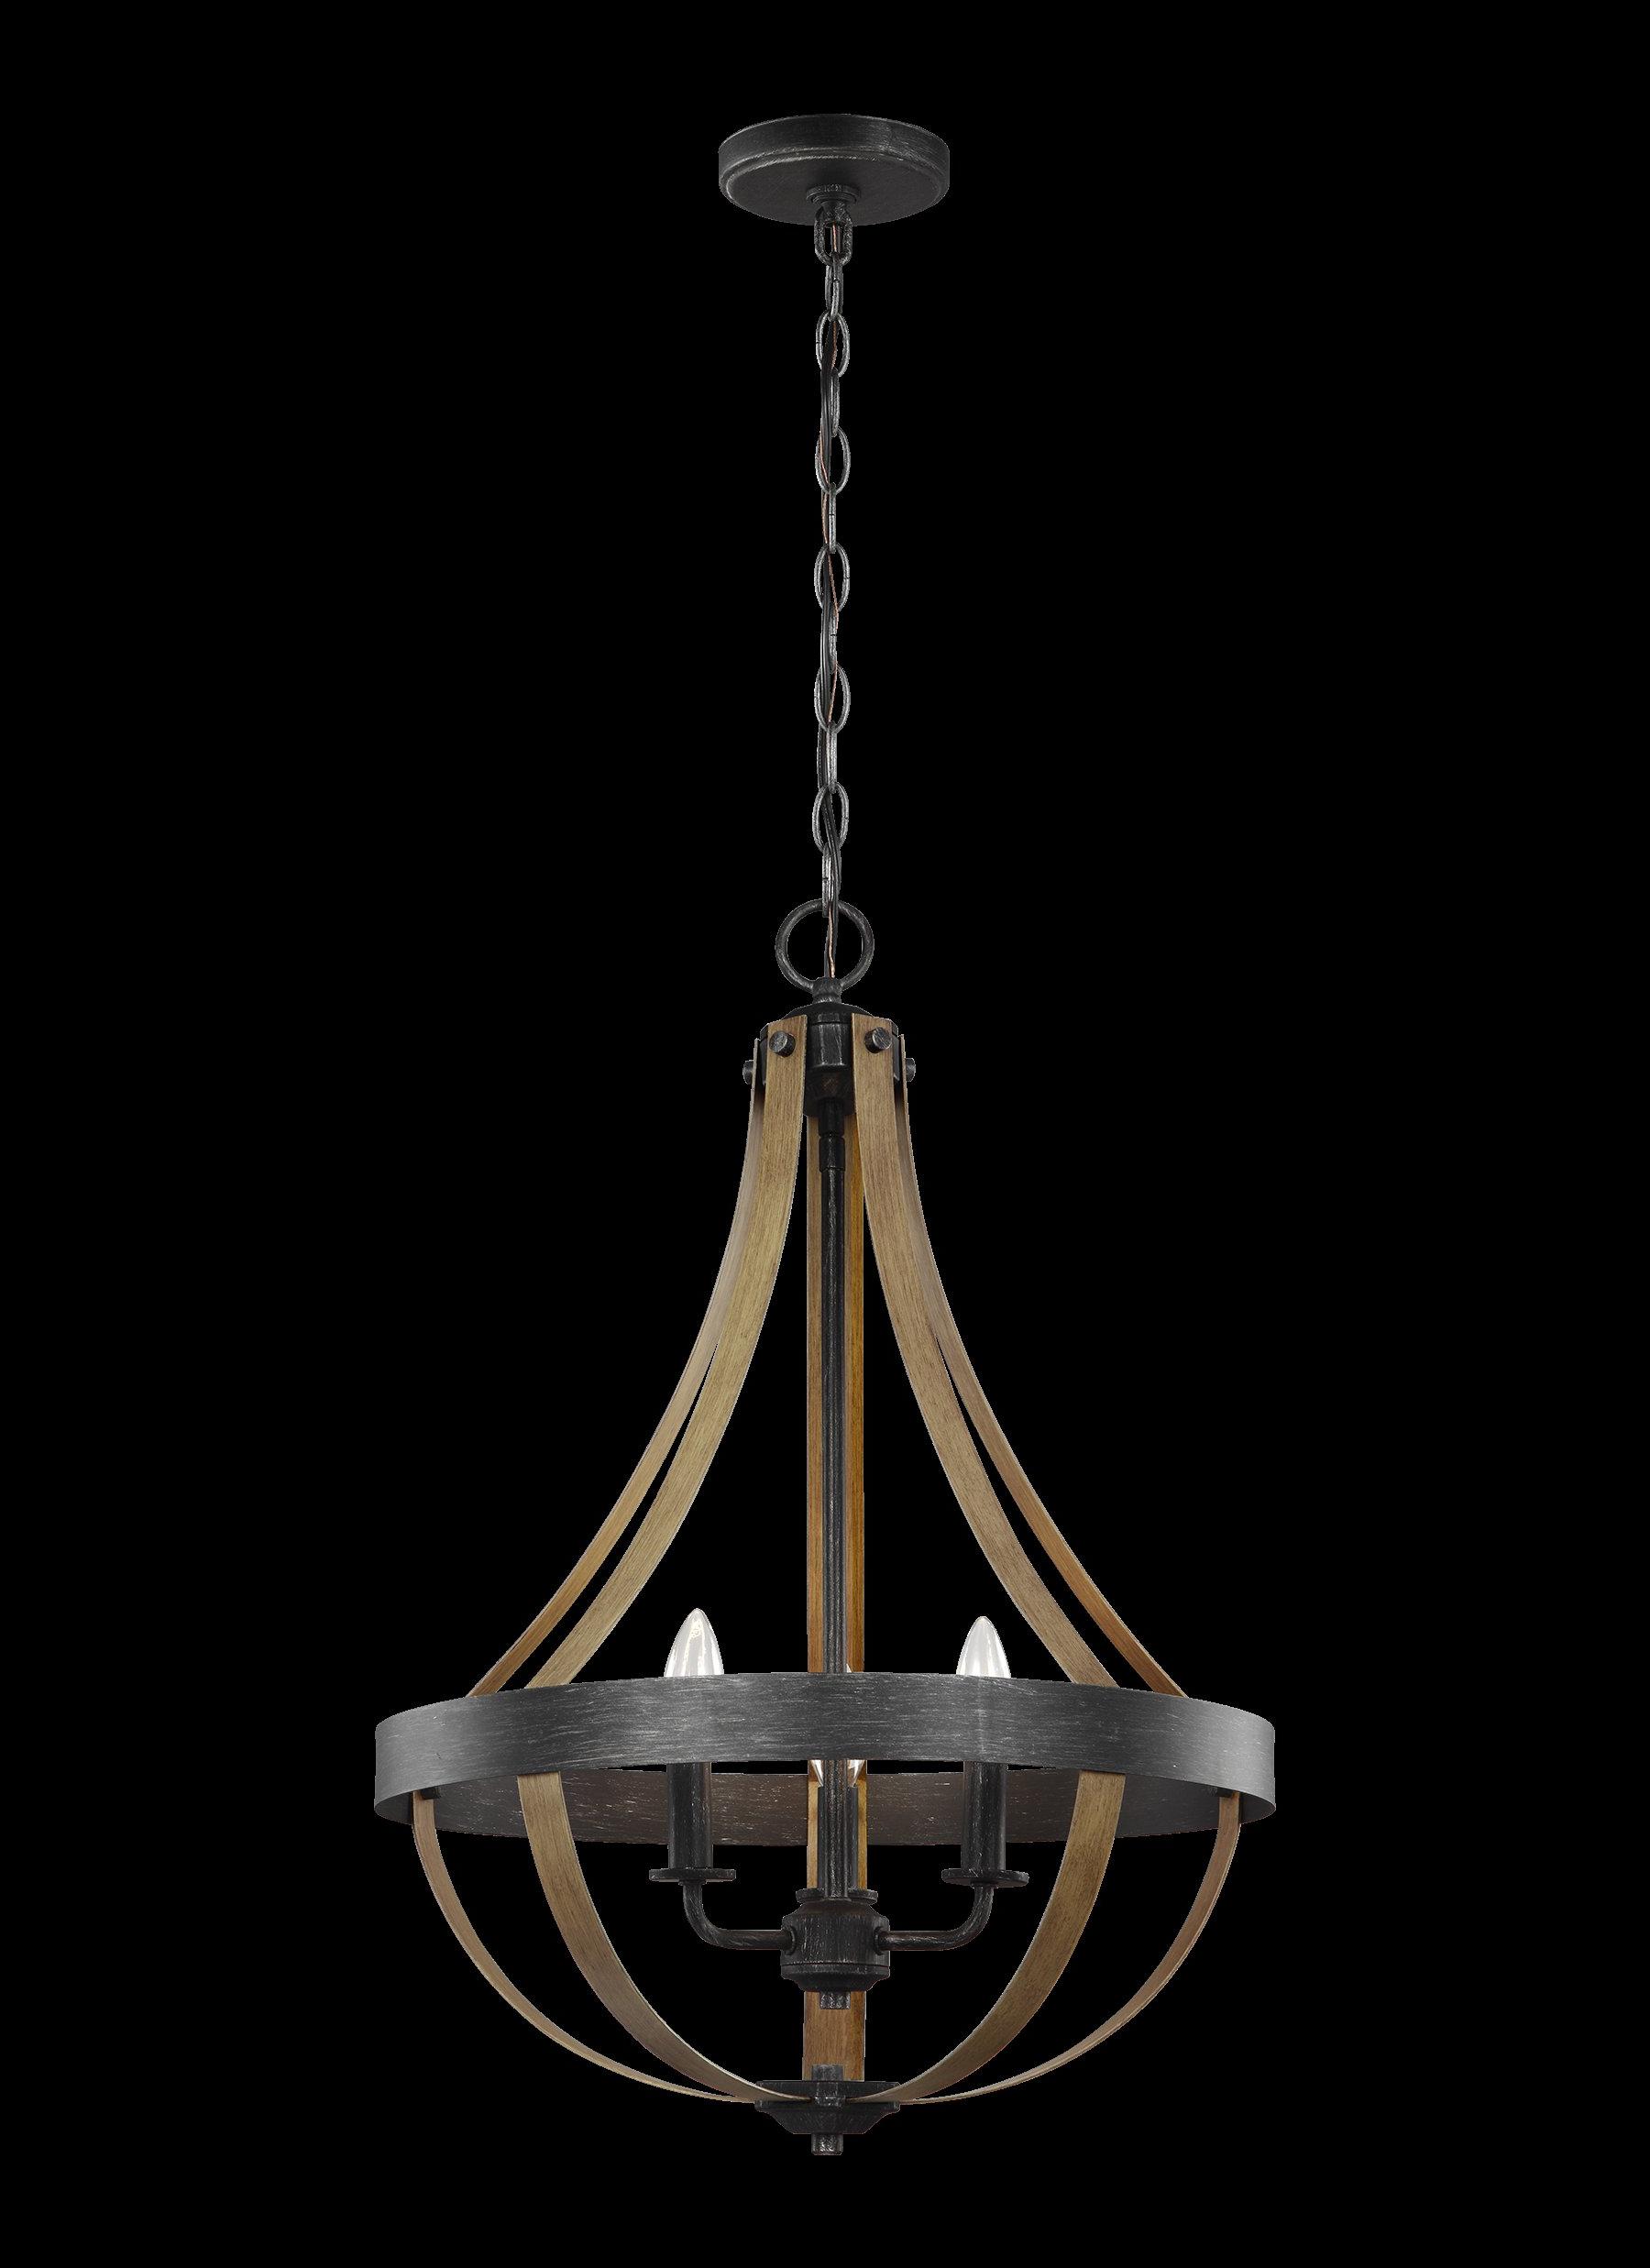 Charlton Home Van Horne 3 Light Single Teardrop Pendant Pertaining To Preferred Van Horne 3 Light Single Teardrop Pendants (View 6 of 20)